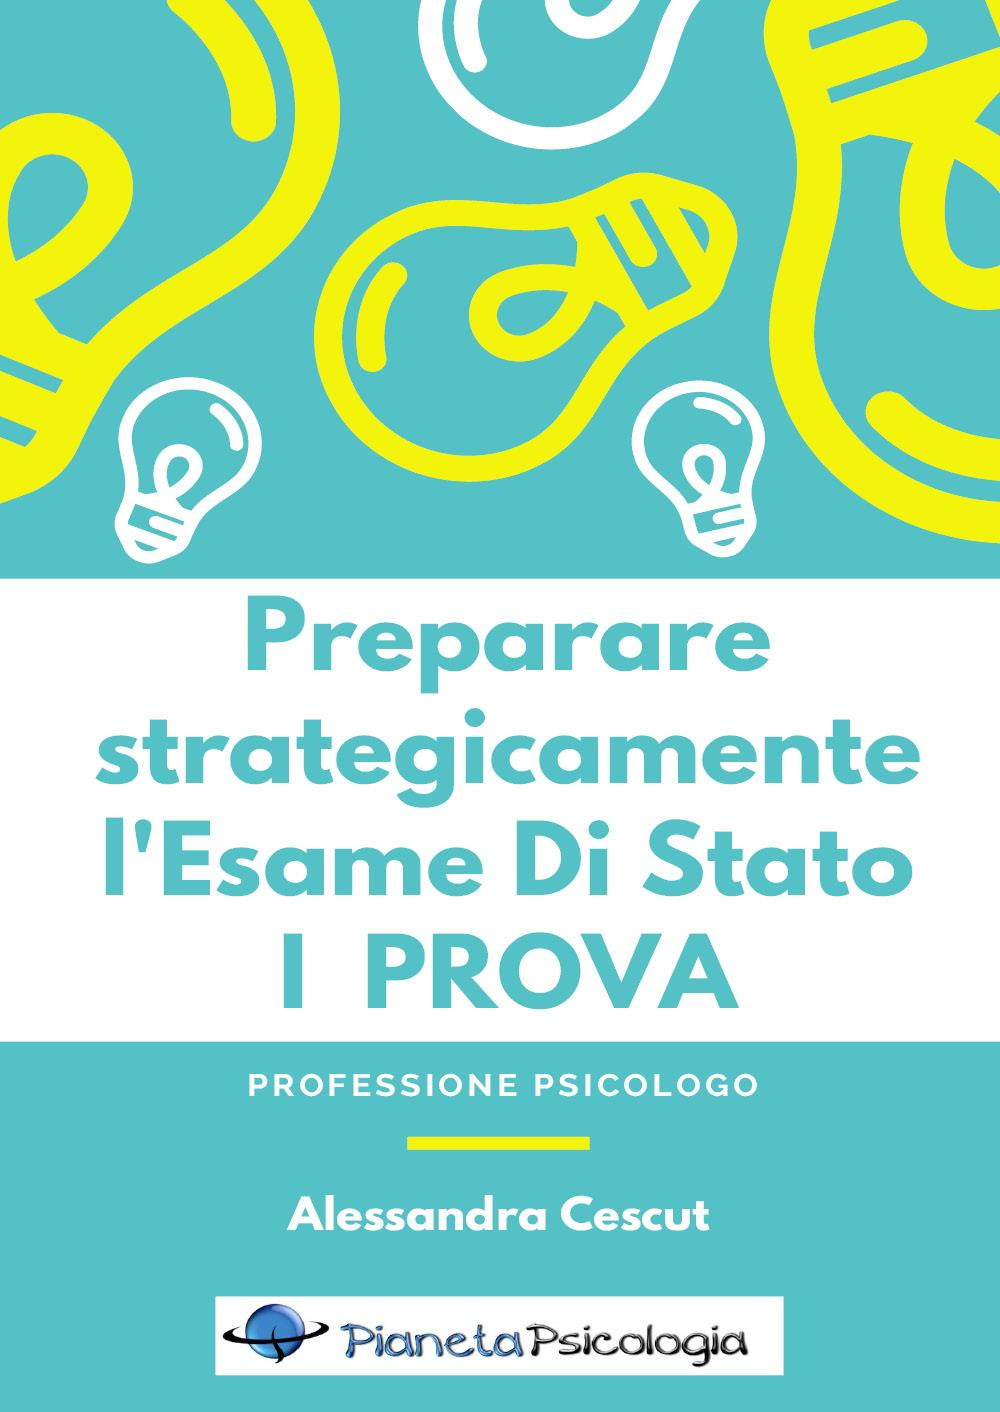 Preparare strategicamente l'Esame Di Stato - I PROVA